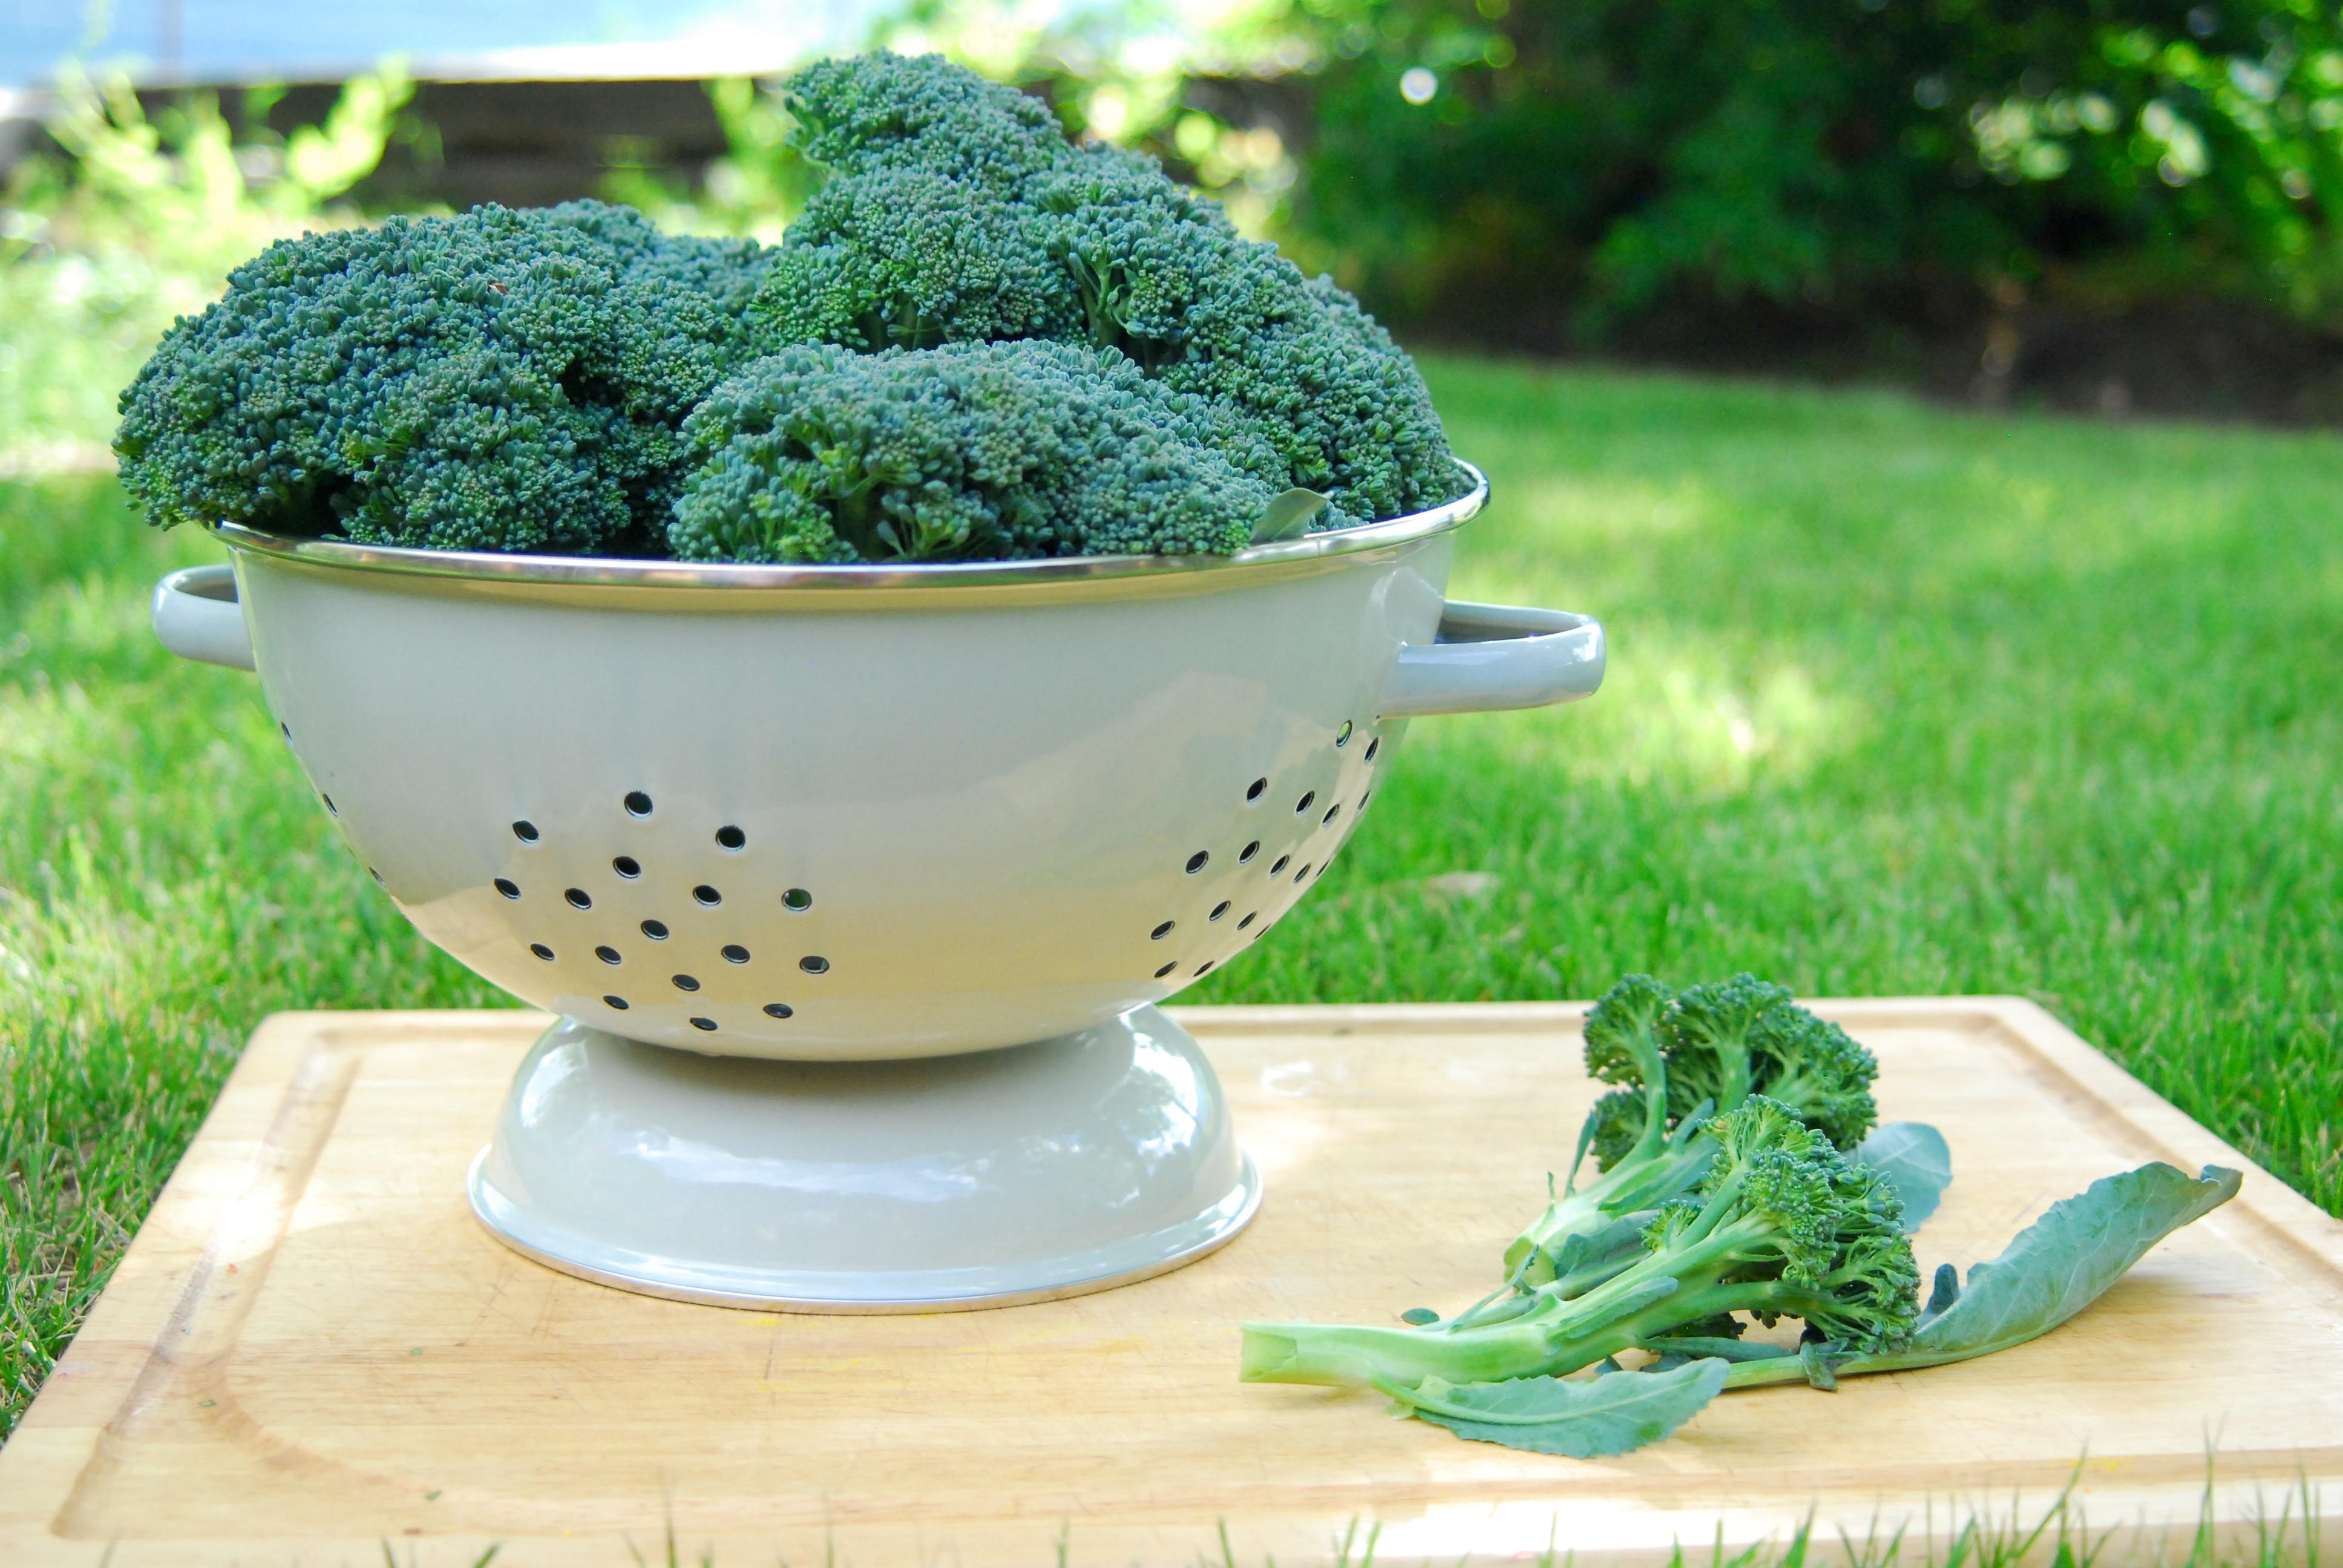 Broccoli harvest